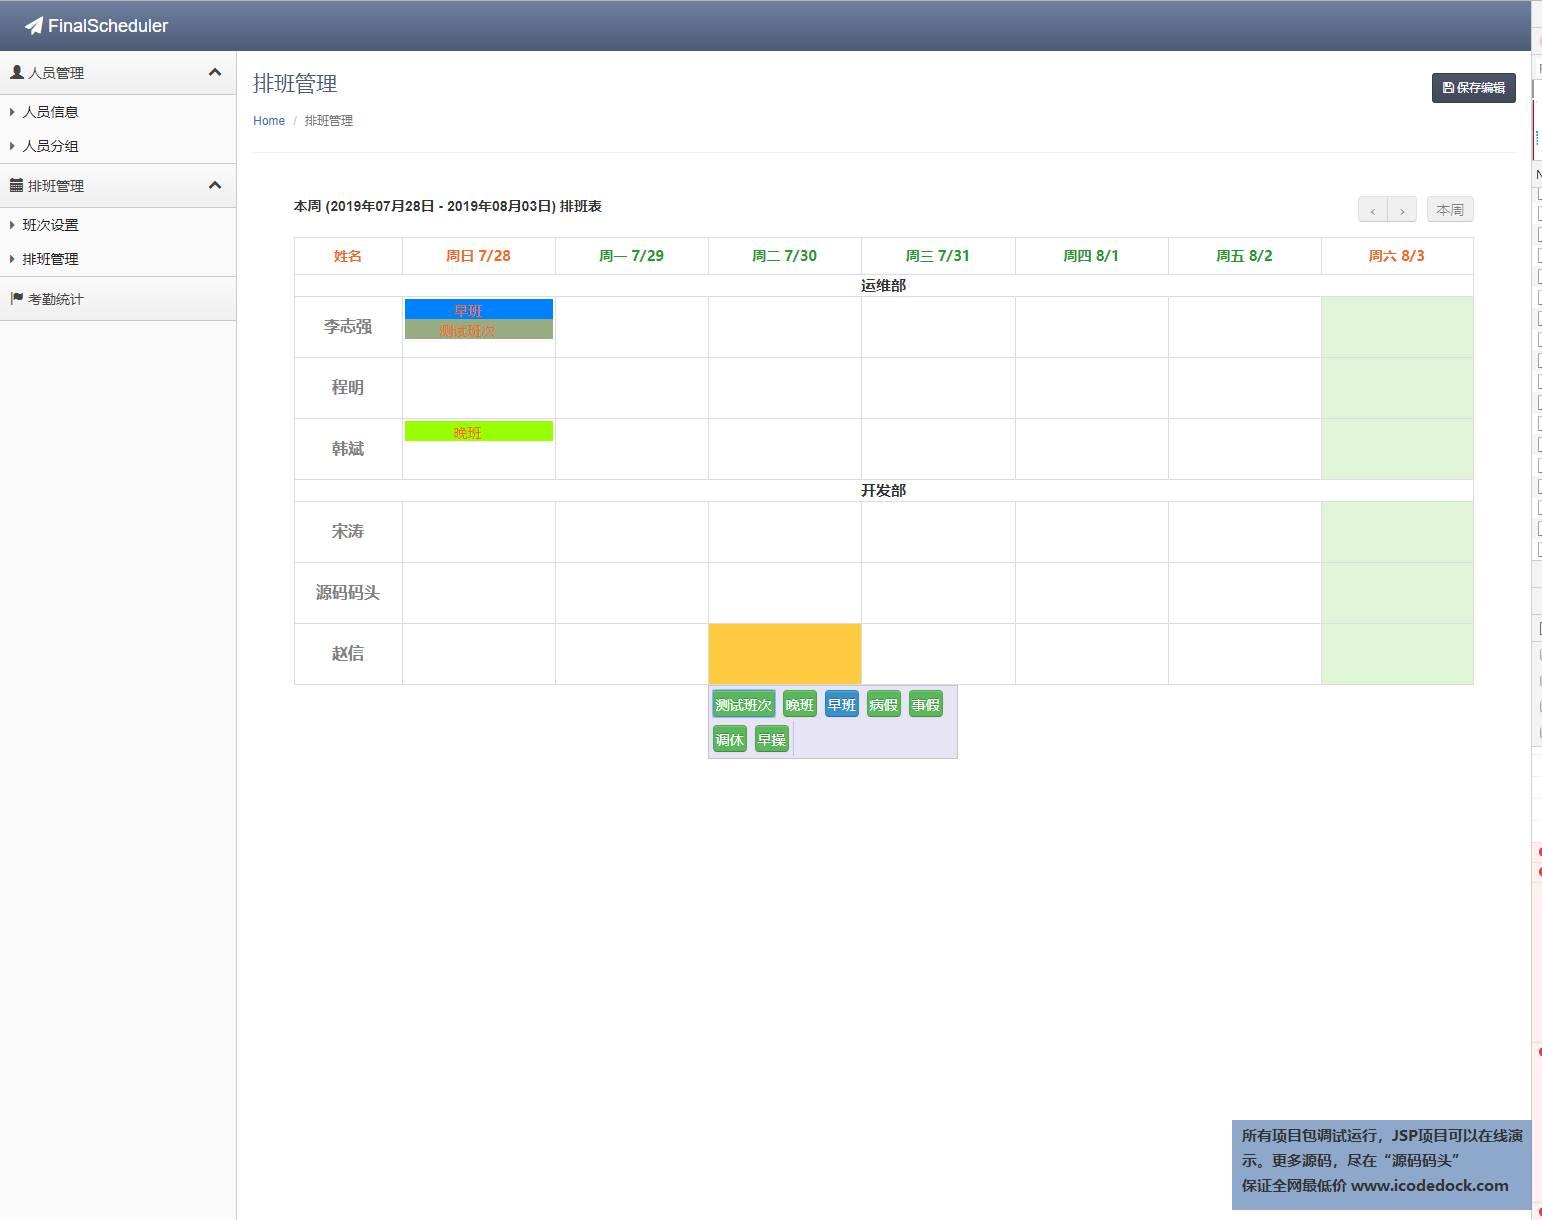 源码码头-Spring自动排班管理系统-管理员角色-排管管理-2